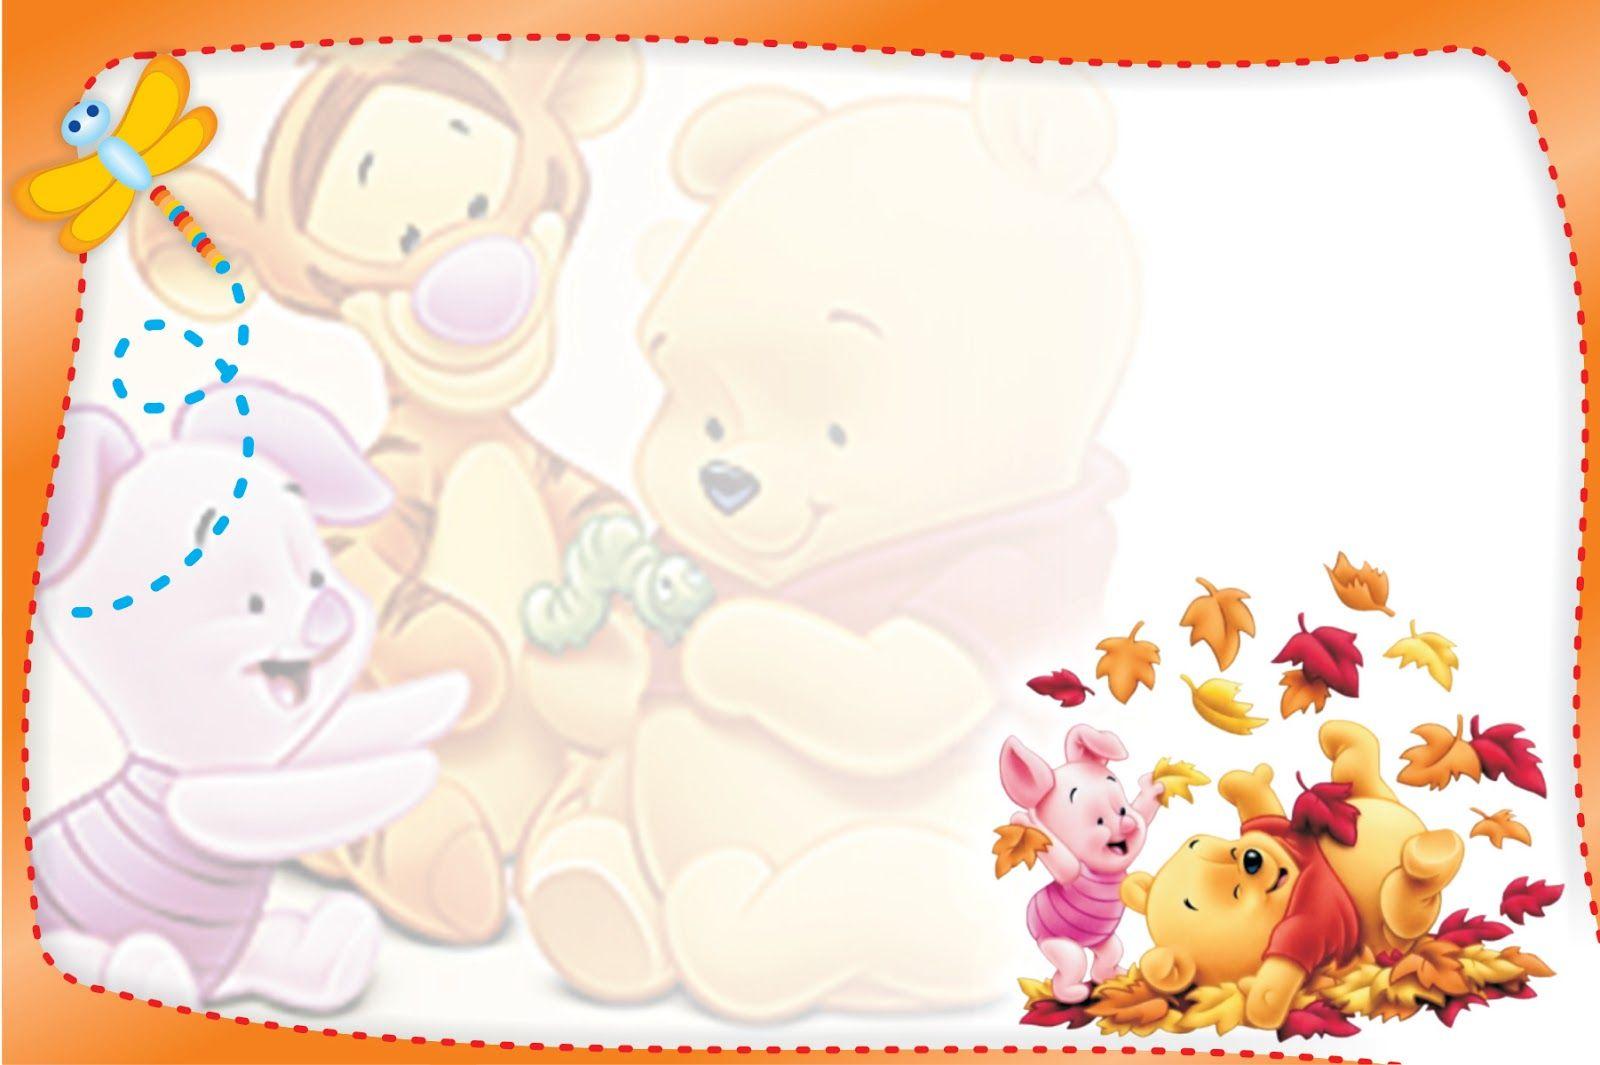 Tarjetas De Cumpleaños Winnie Pooh Para Imprimir Para Fondo De Pantalla En Hd 1 HD Wallpapers